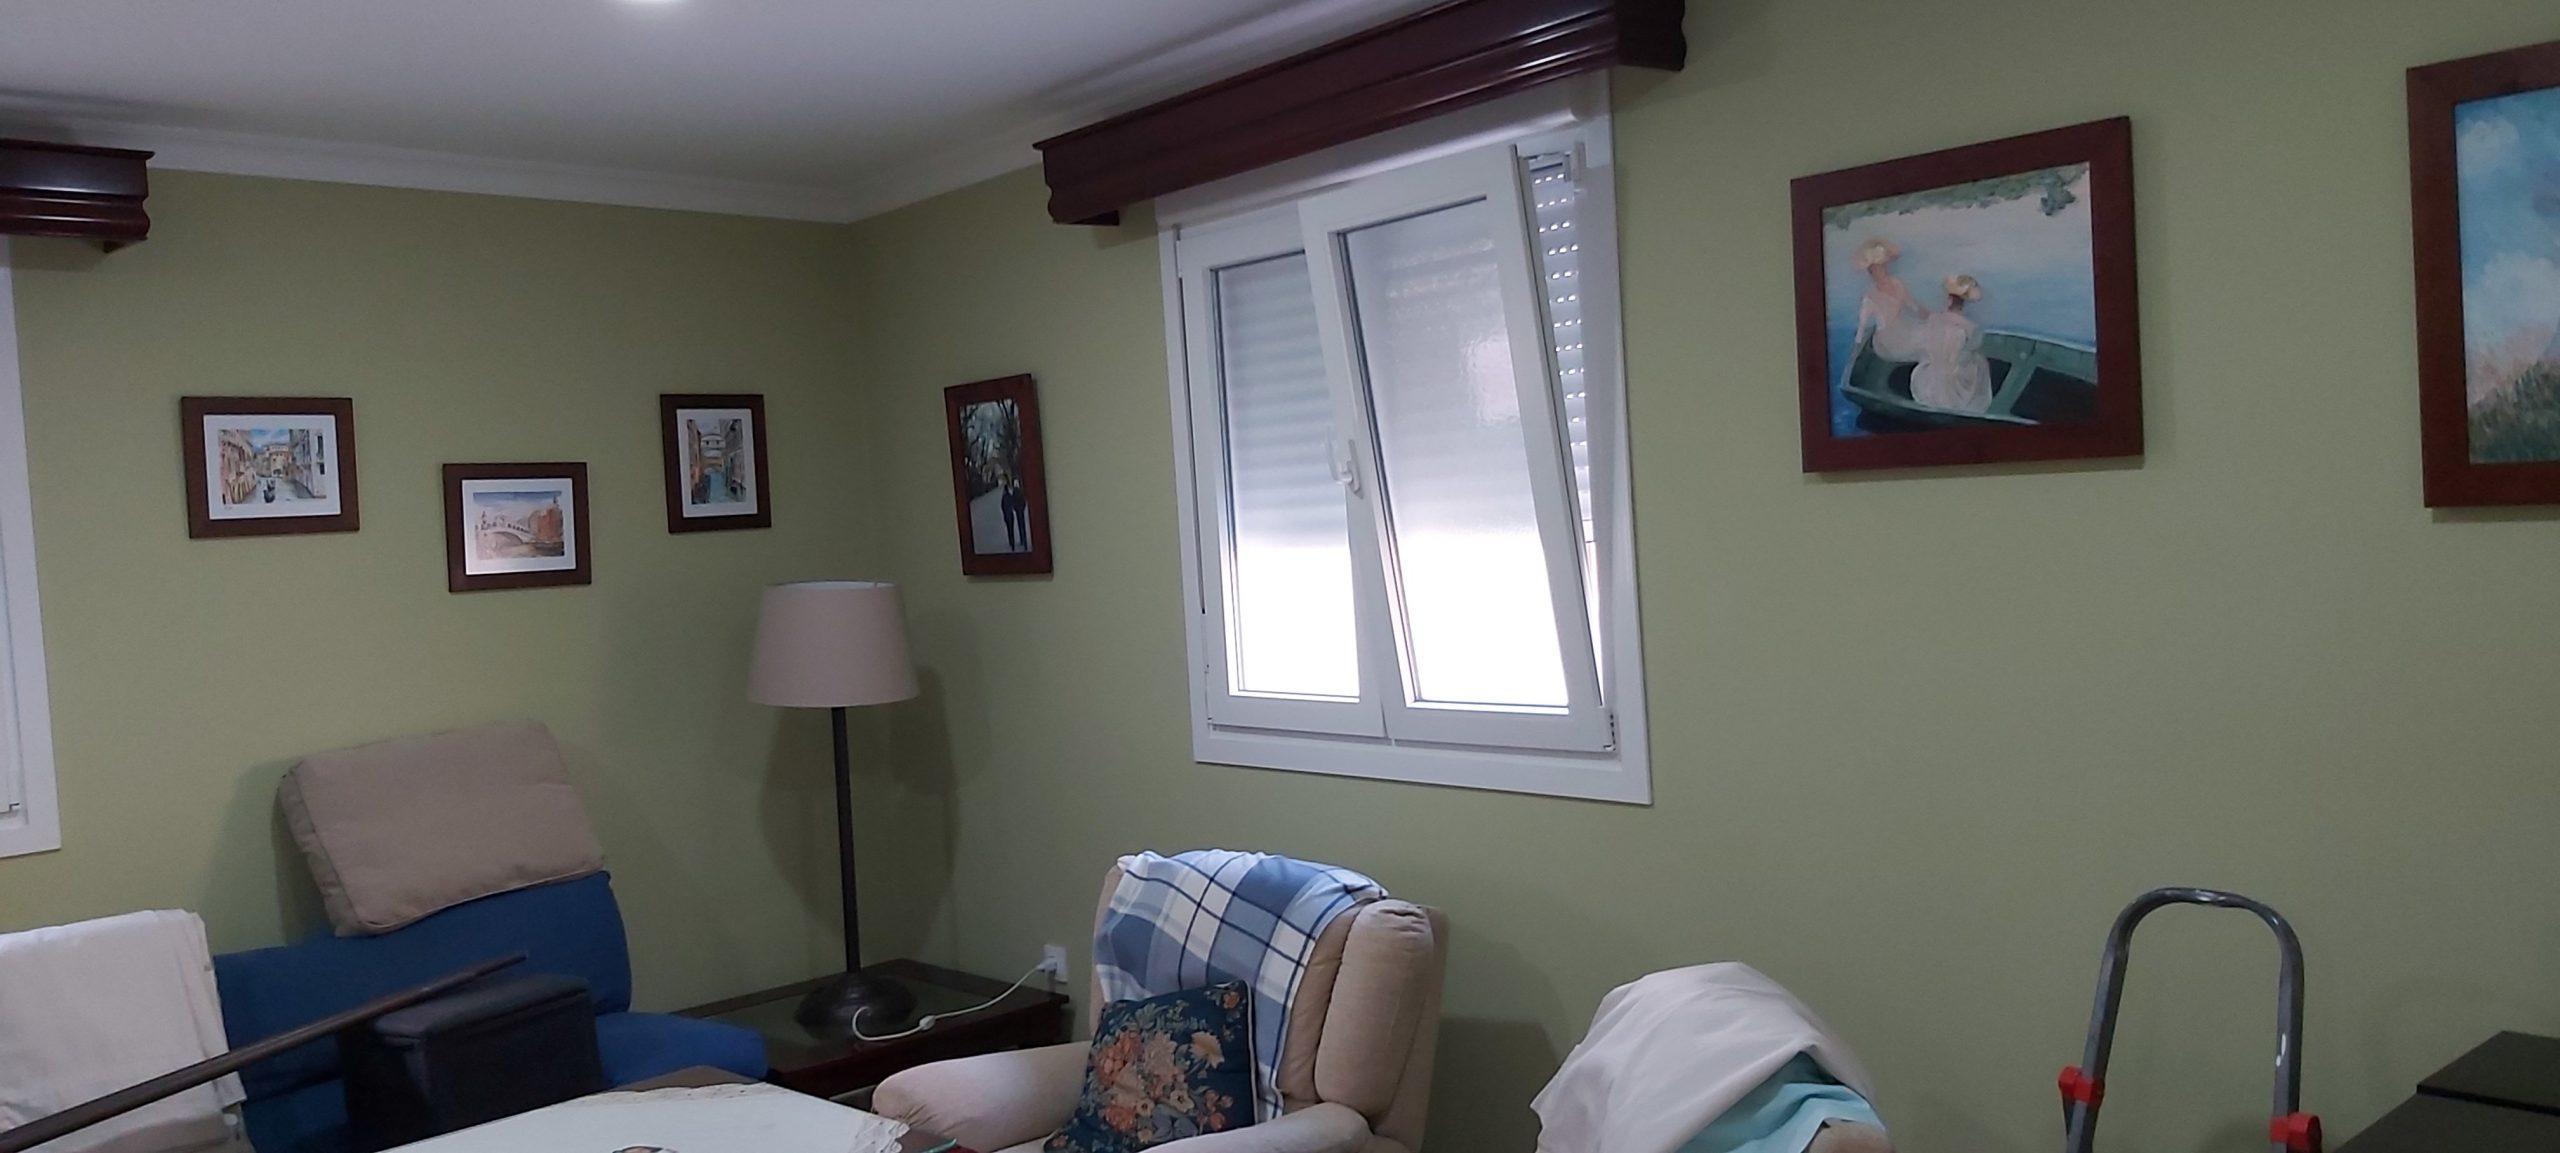 Pintar el interior de tu casa. Salón de piso pintado